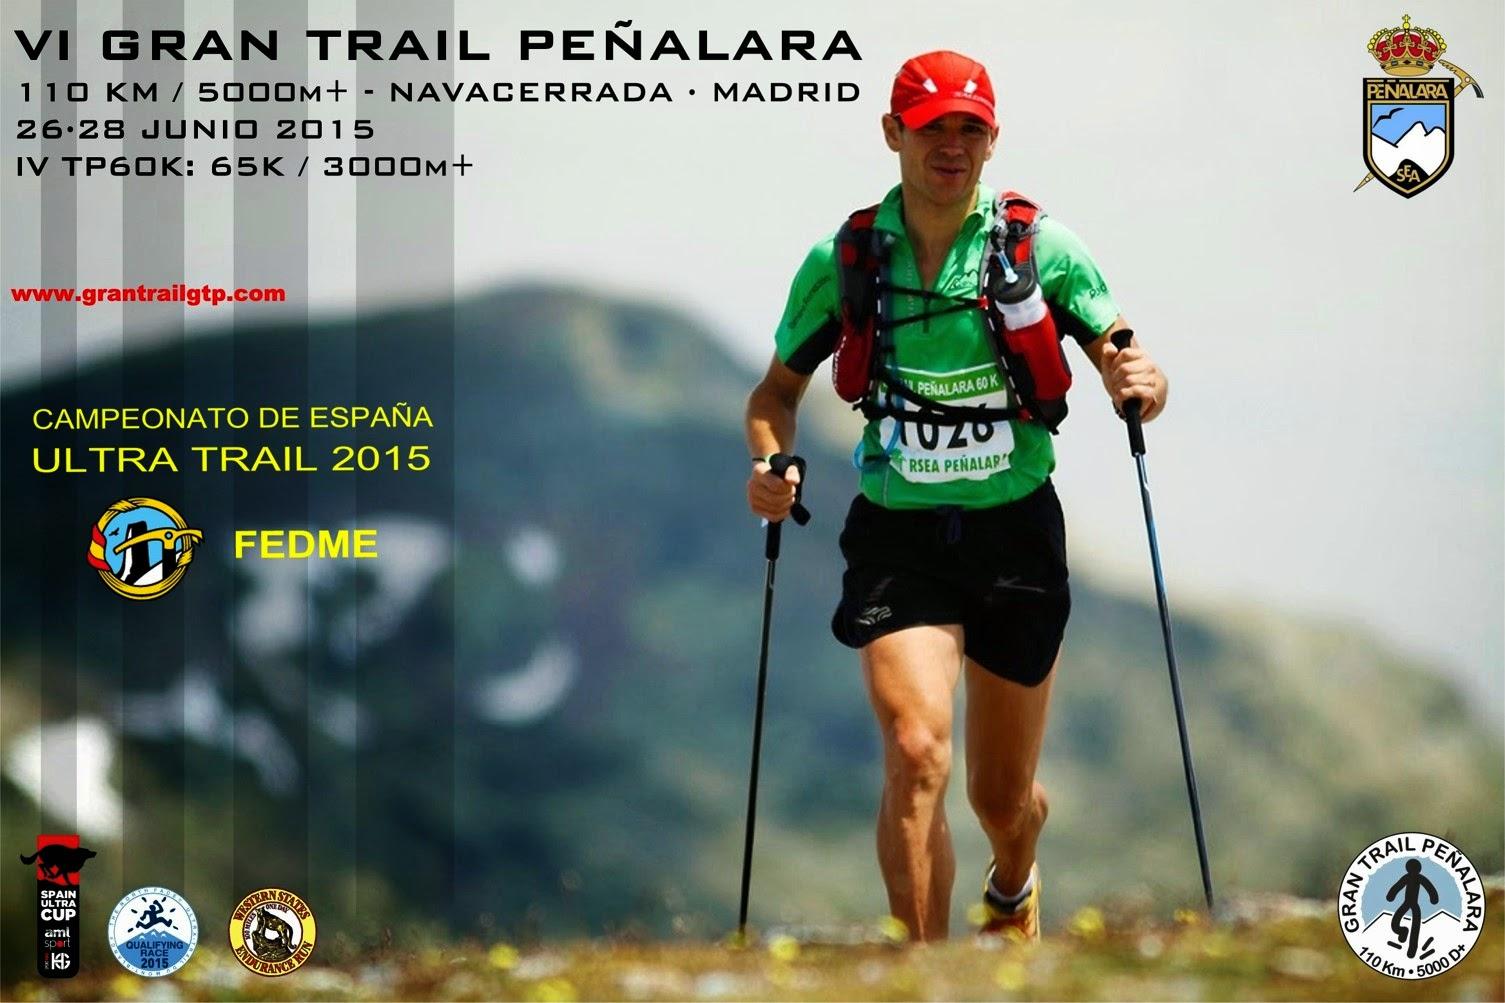 Cartel del Gran Trail de Peñalara. /GT PEÑALARA